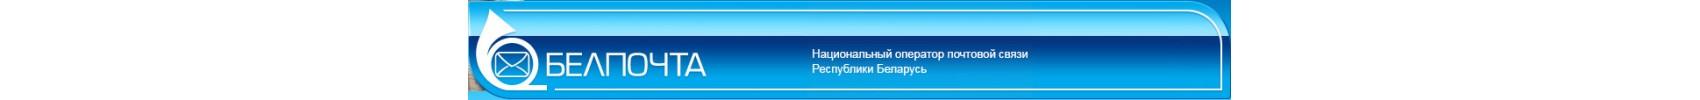 Доставка секонда по Беларуси почтой.